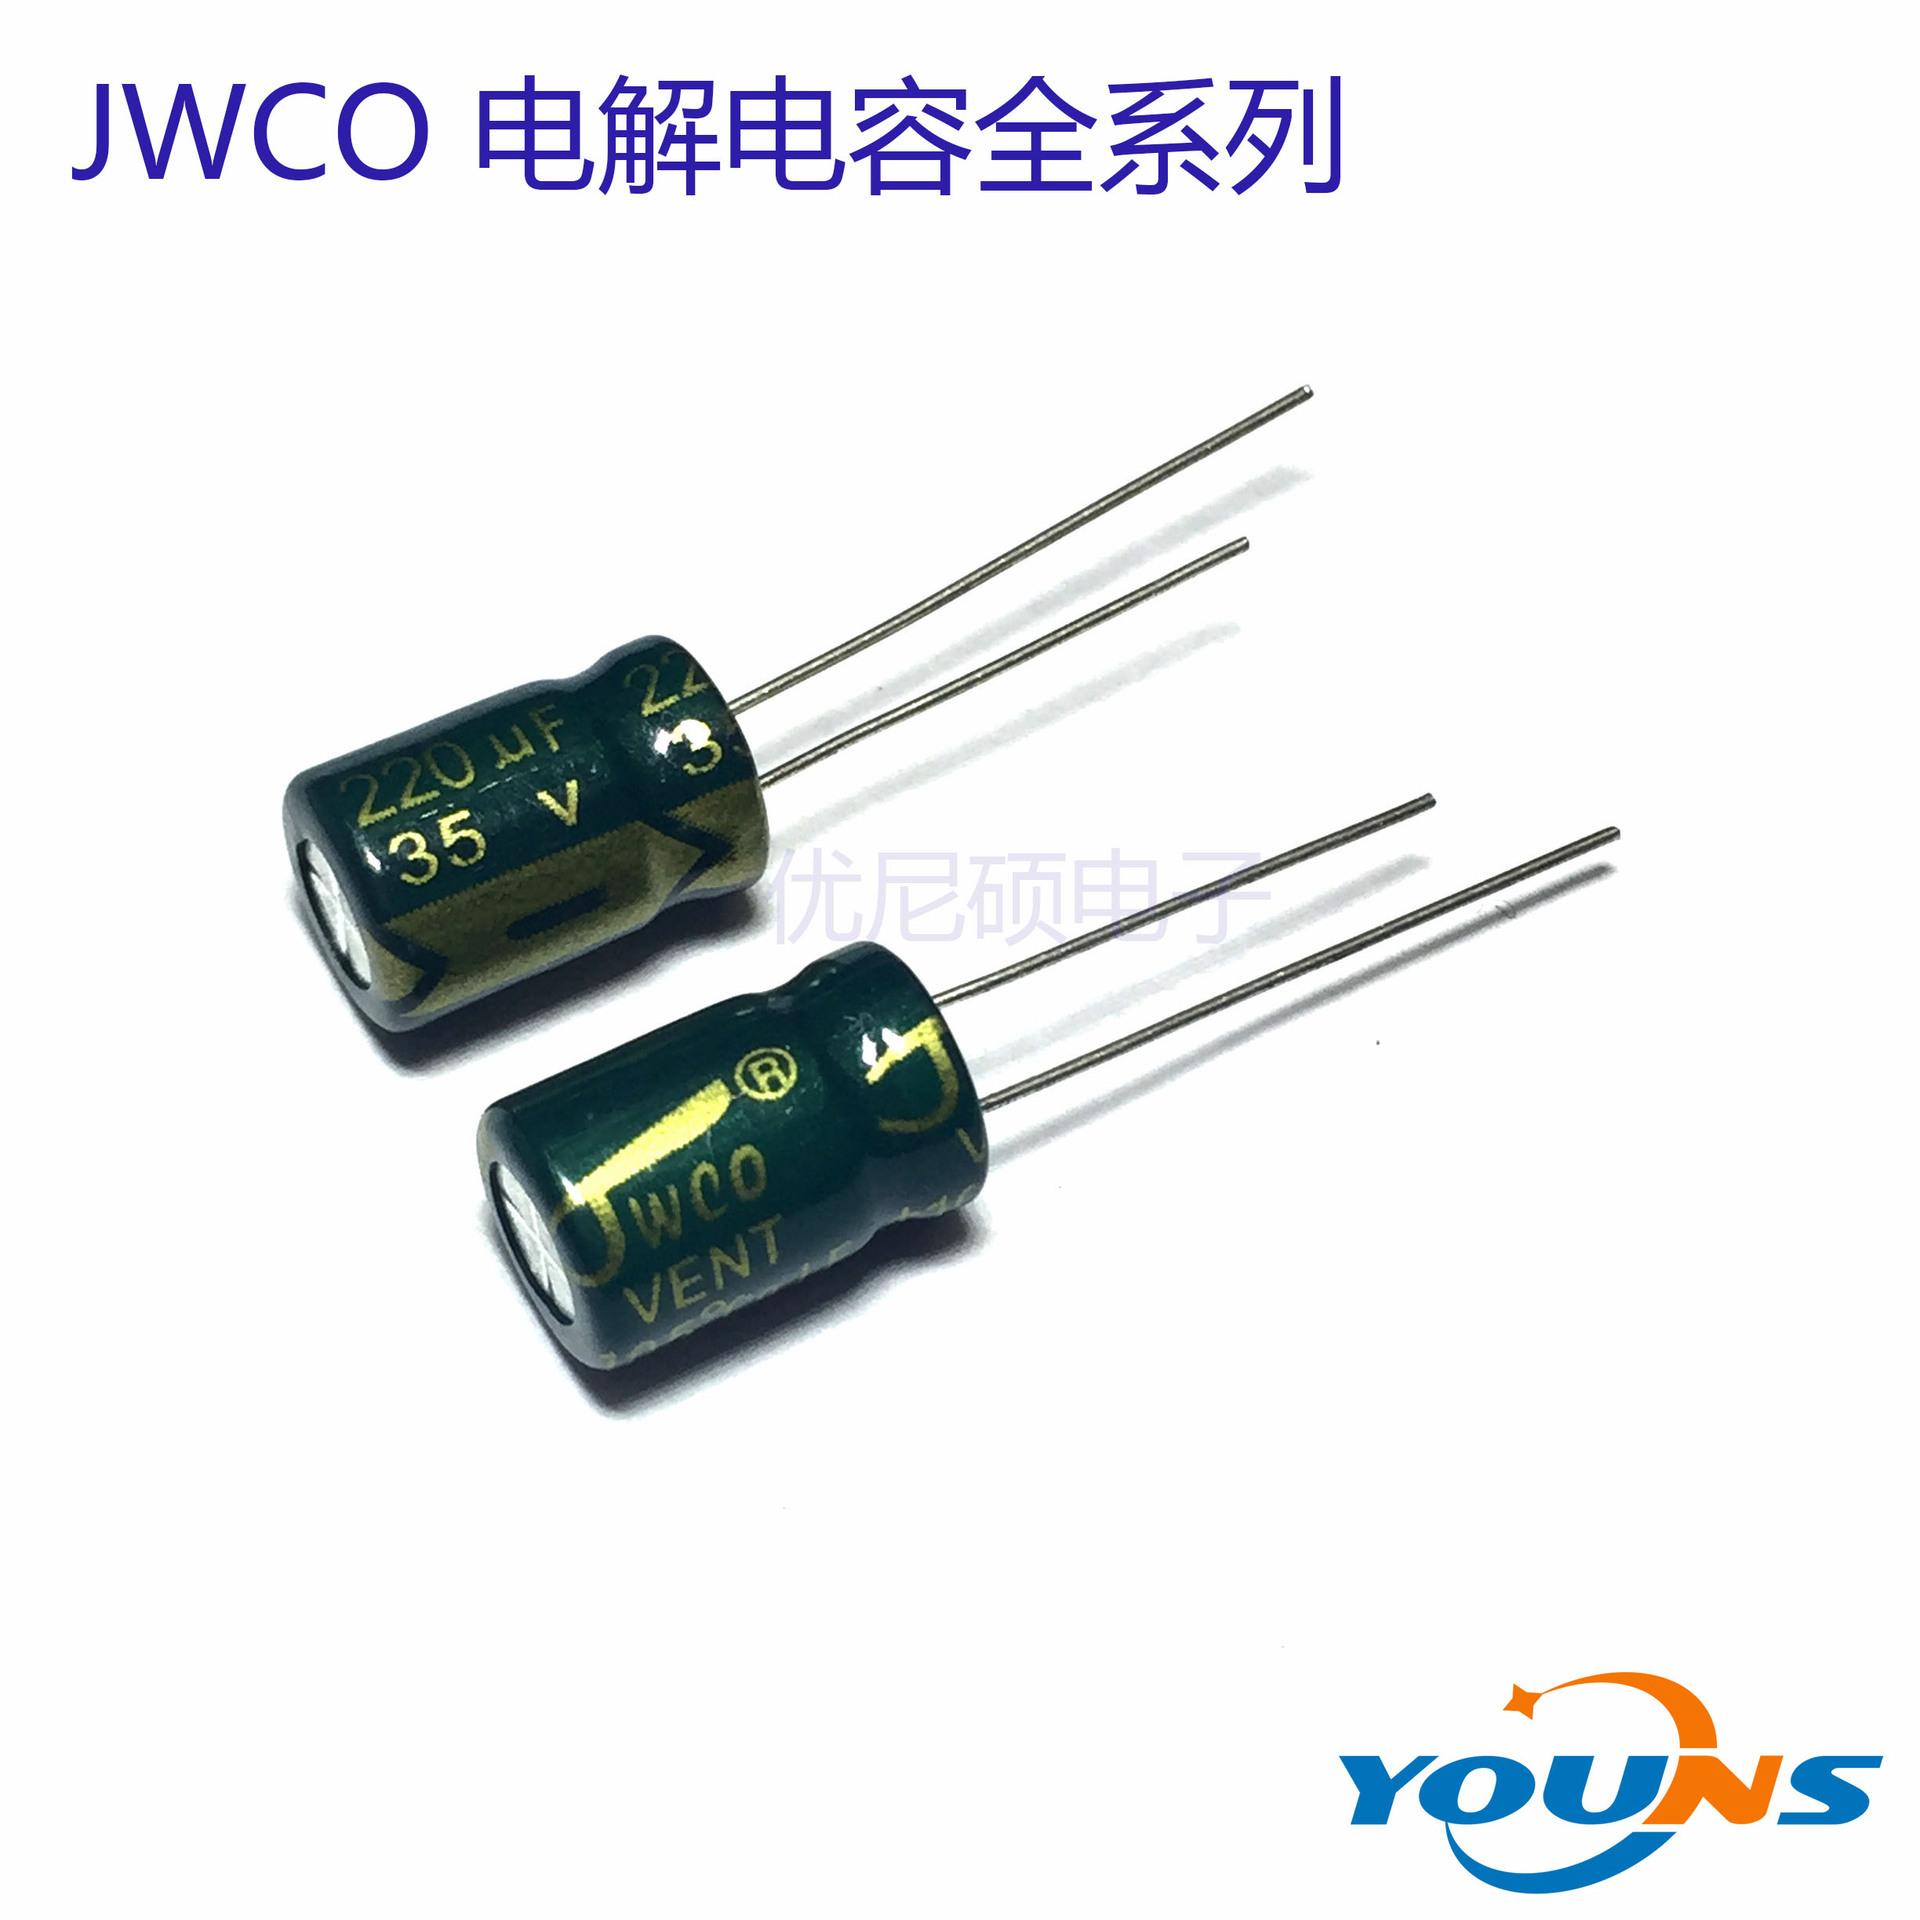 JWCO Tụ hoá Tụ điện điện phân nhôm JWCO 8X12MM 35V 220UF điện trở cao tần số thấp LowESR vàng xanh b